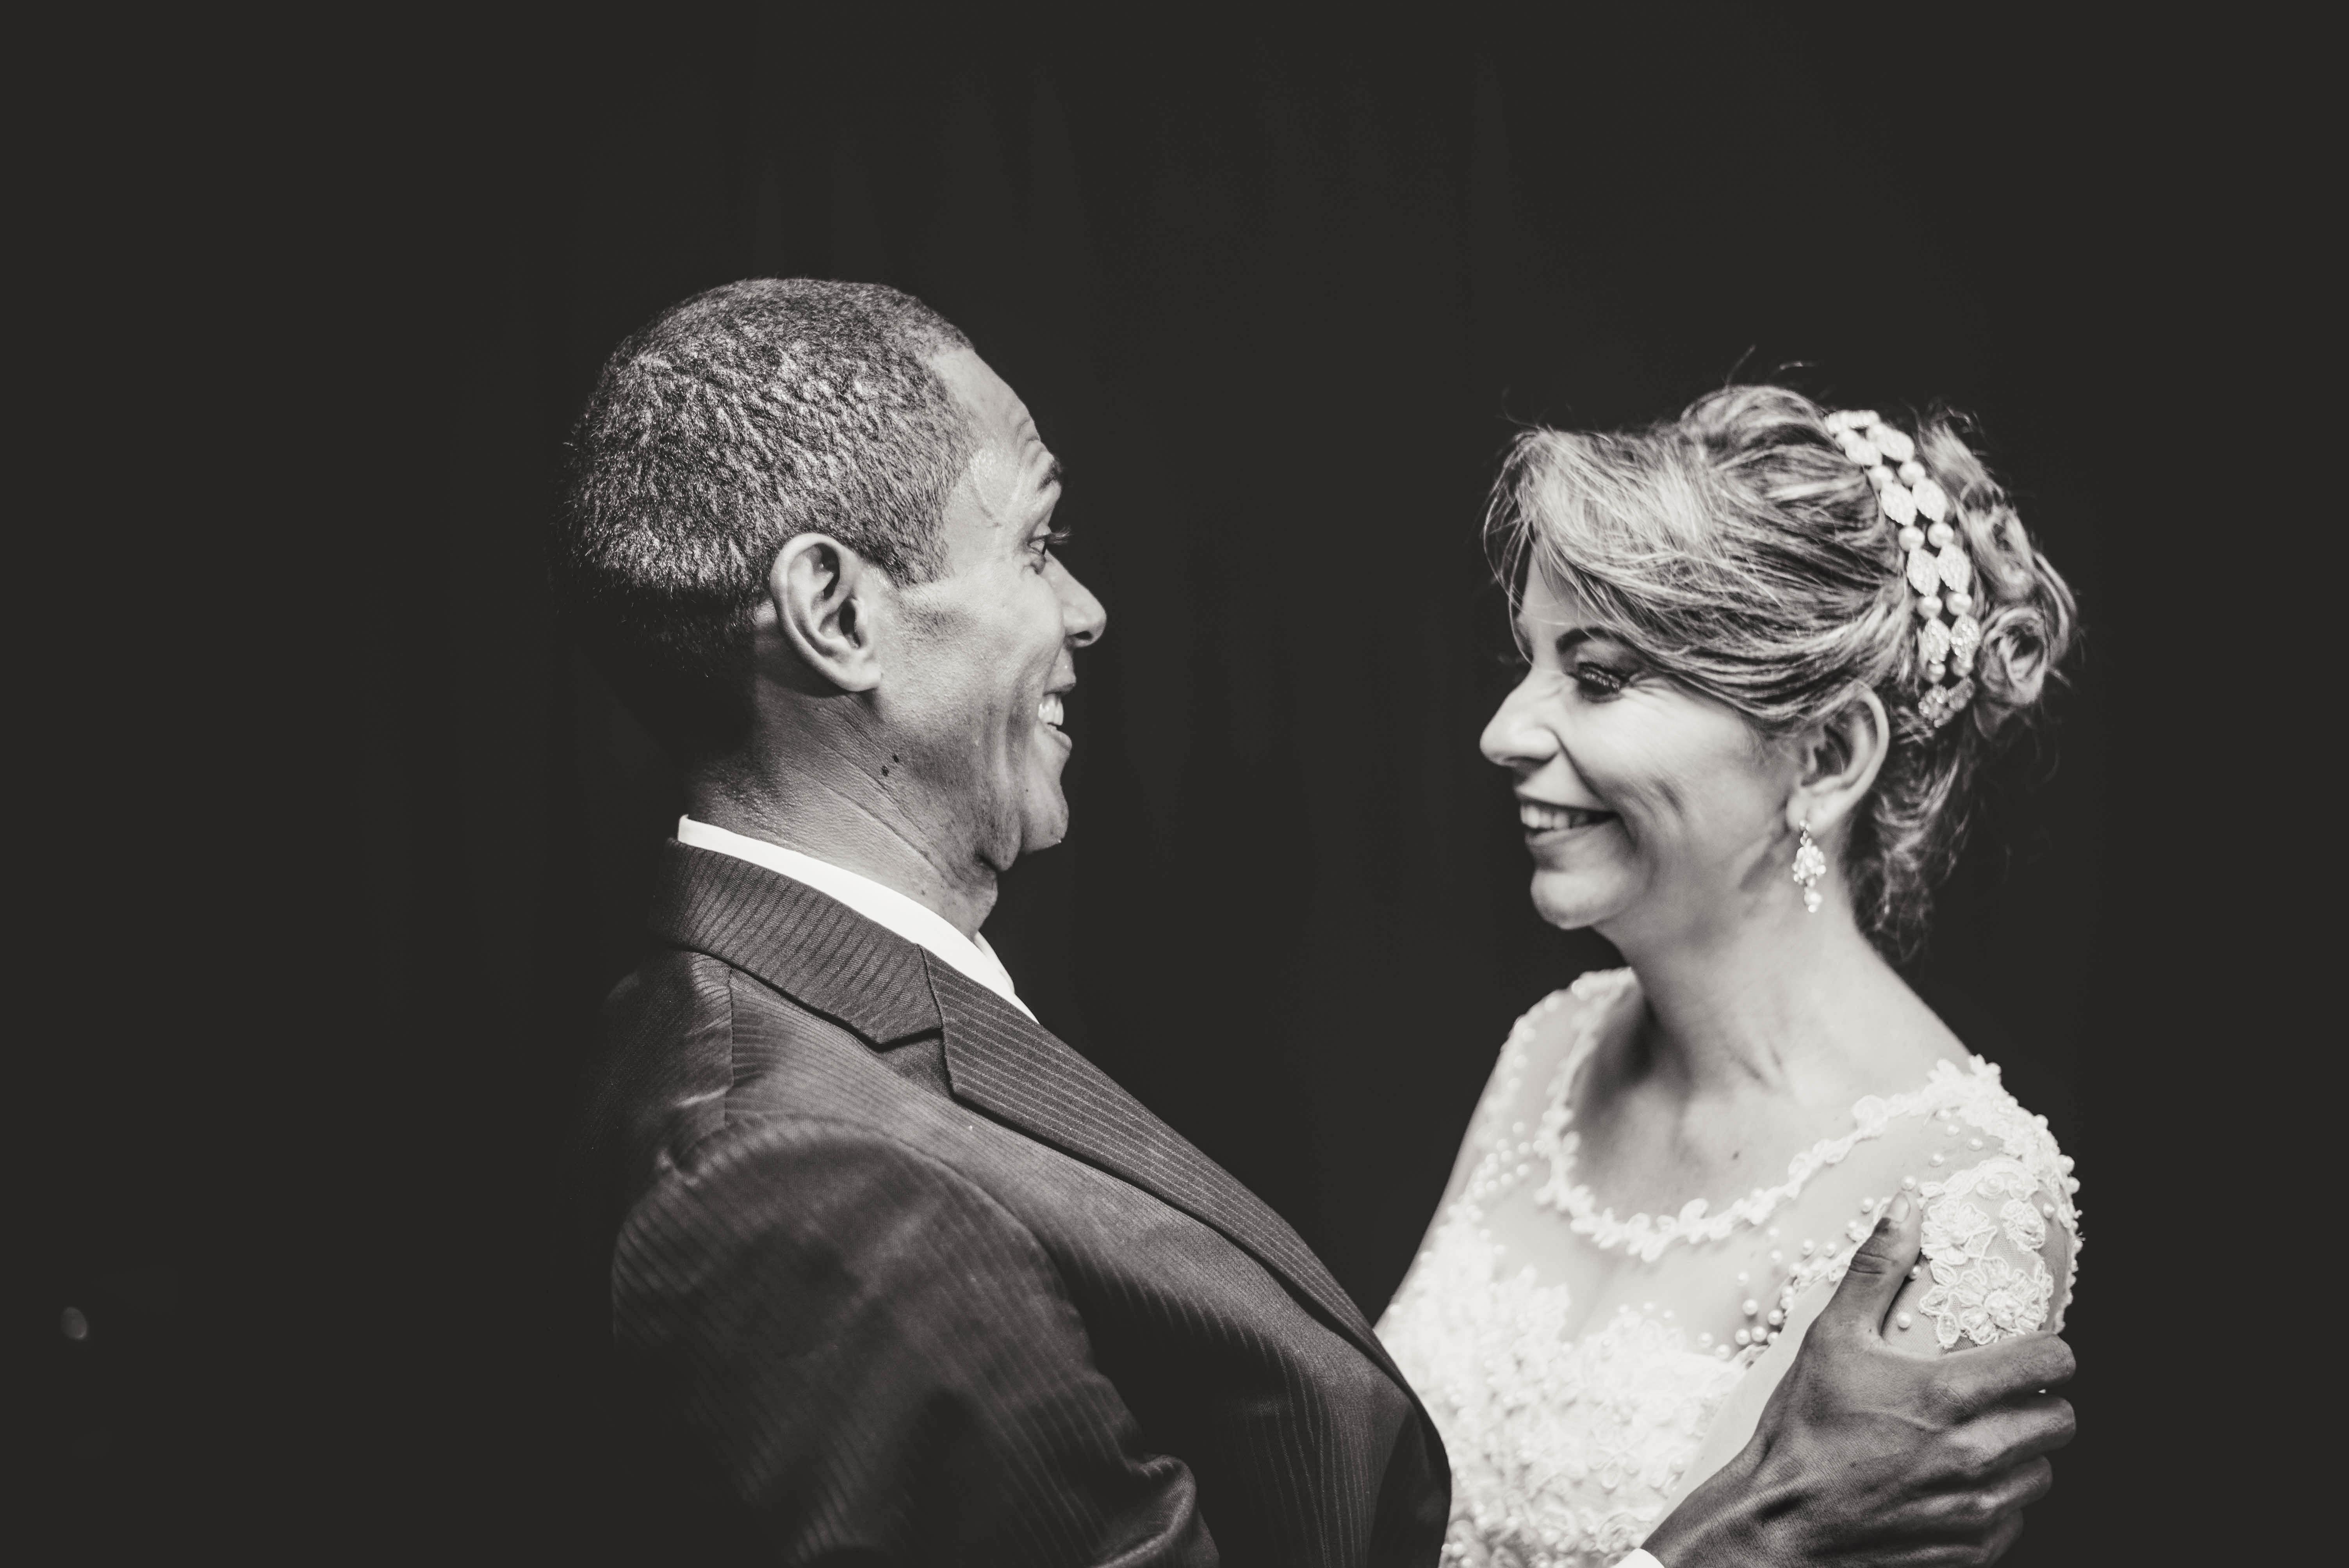 Fotografia de casamento Vitoria ES - Find a Click Fotografia casamento ES-41